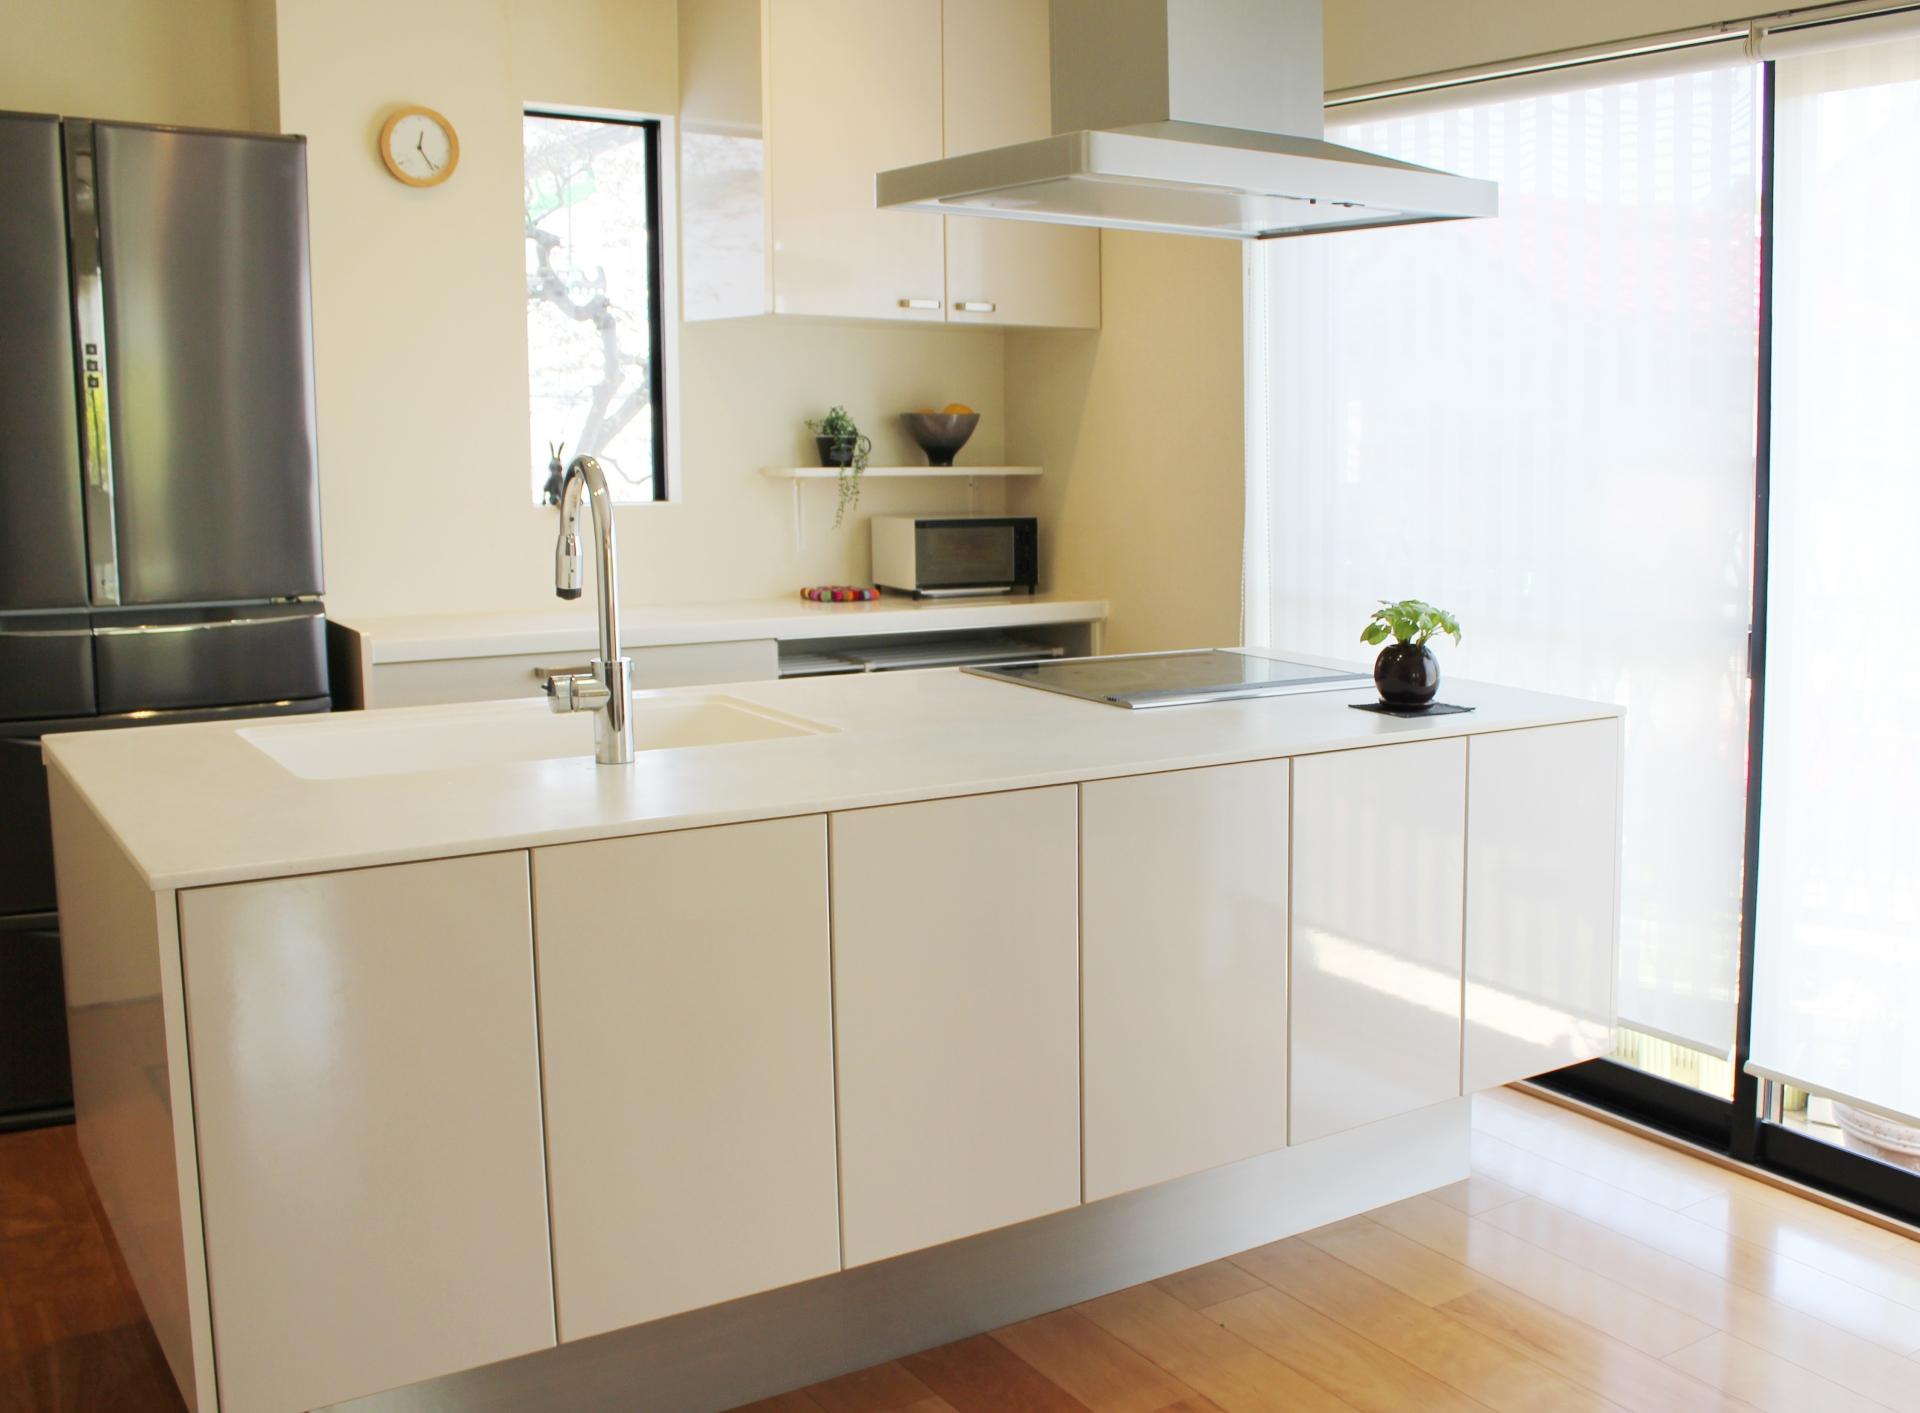 冷蔵庫があるキッチン風景の写真